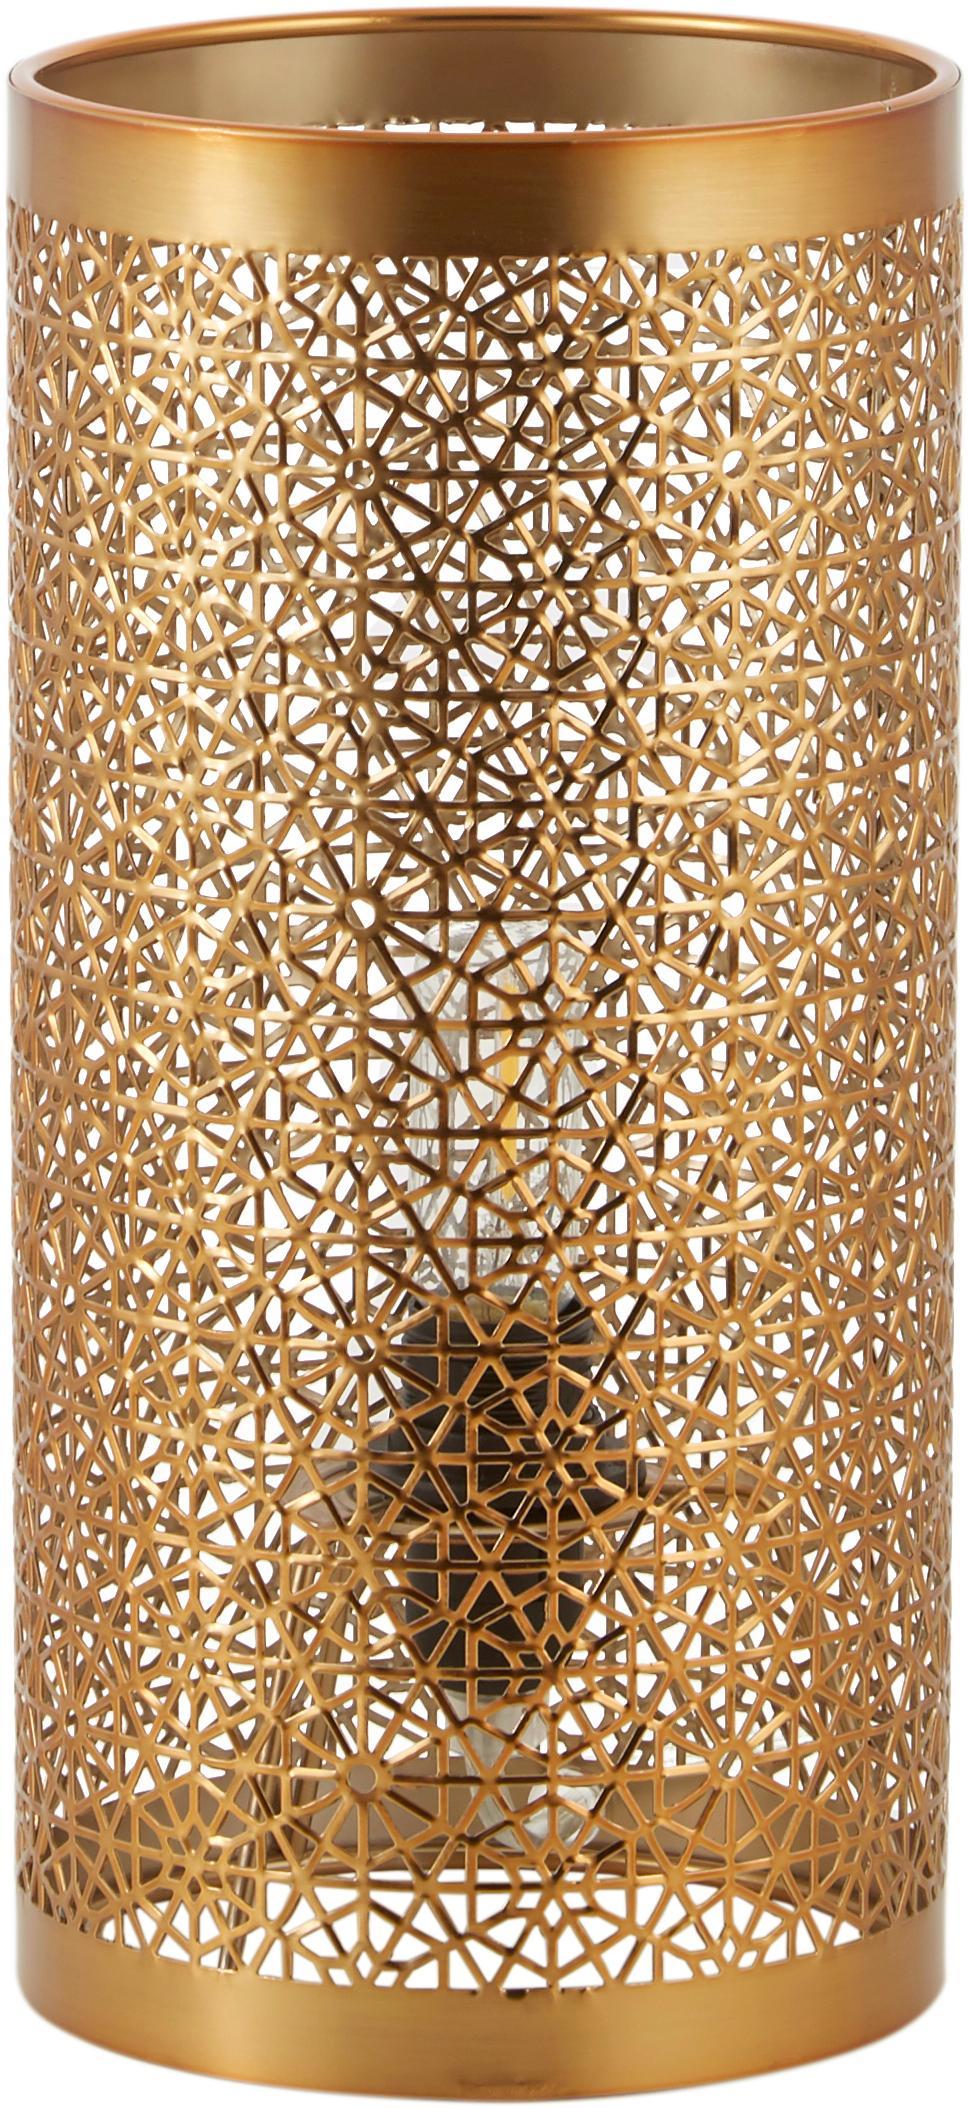 Tafellamp Hermine, messing, Messing, Mat messingkleurig, Ø 14 x H 28 cm